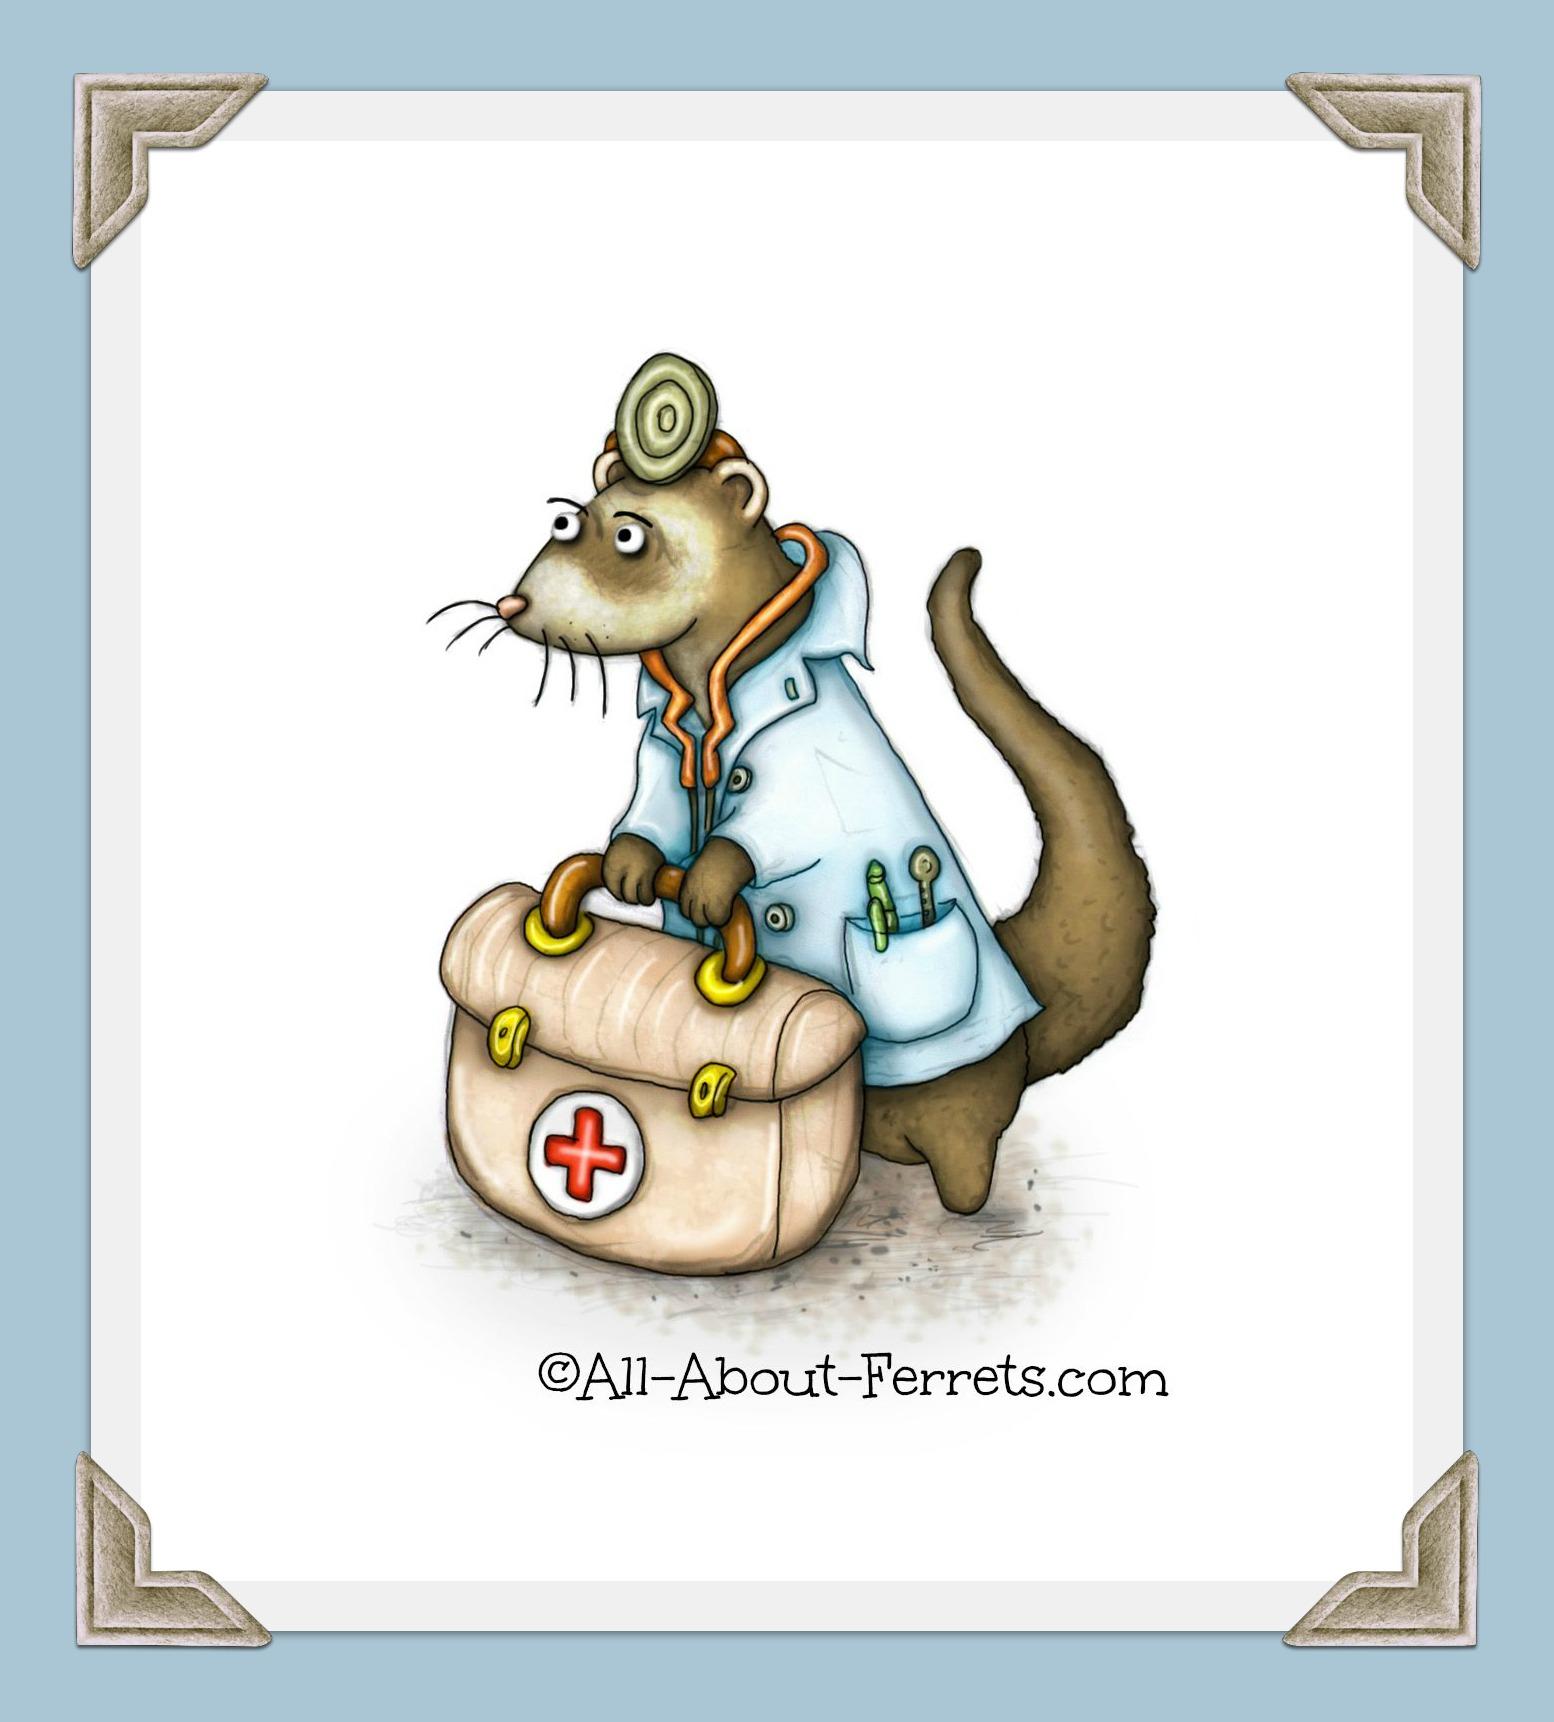 Medical Information for Ferrets